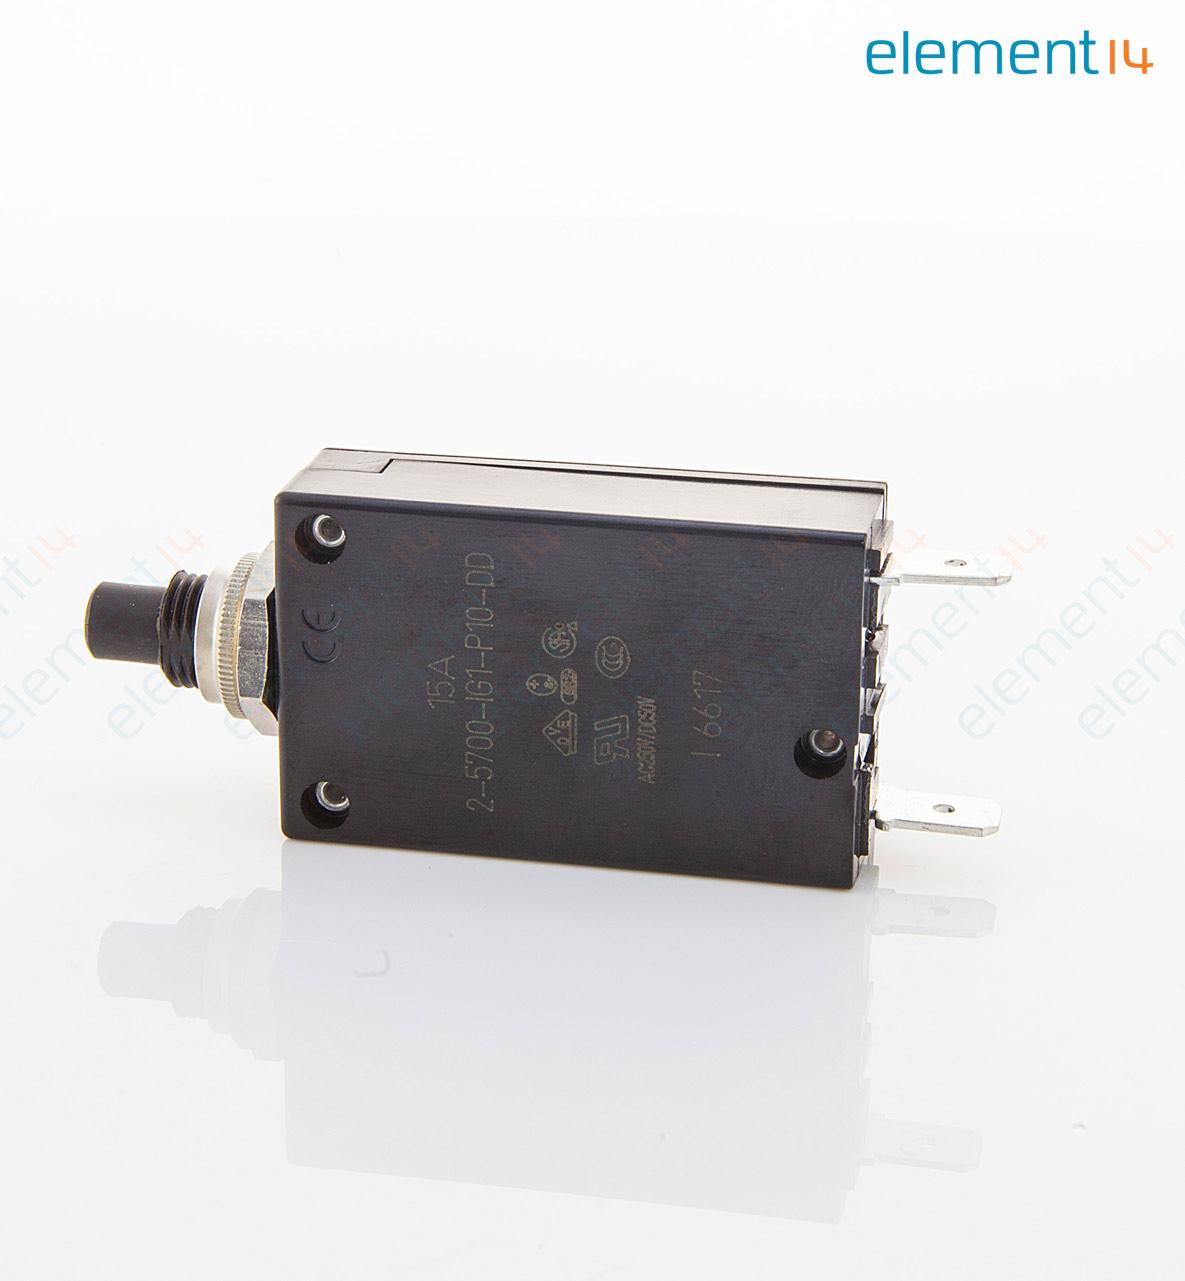 2-5700-IG1-P10-DD-000040 15A ETA, Thermischer Schutzschalter ...